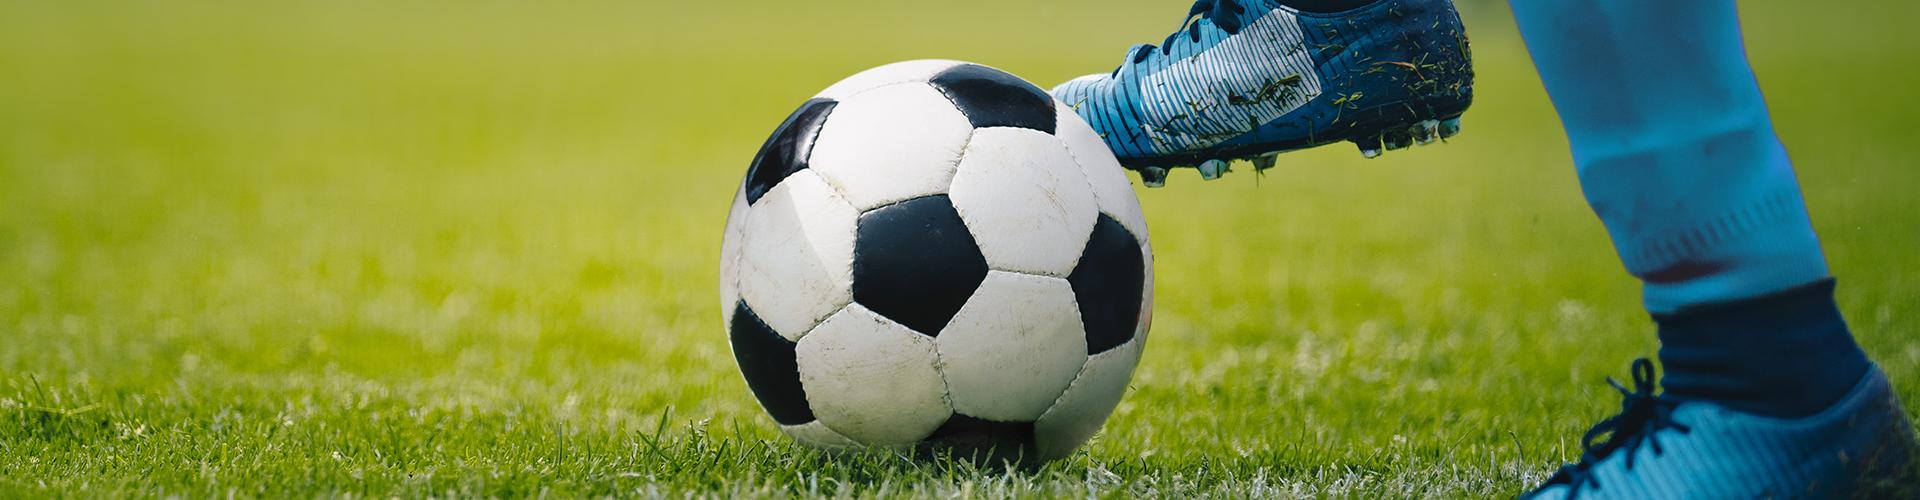 cal-mens-adult-indoor-soccer-league